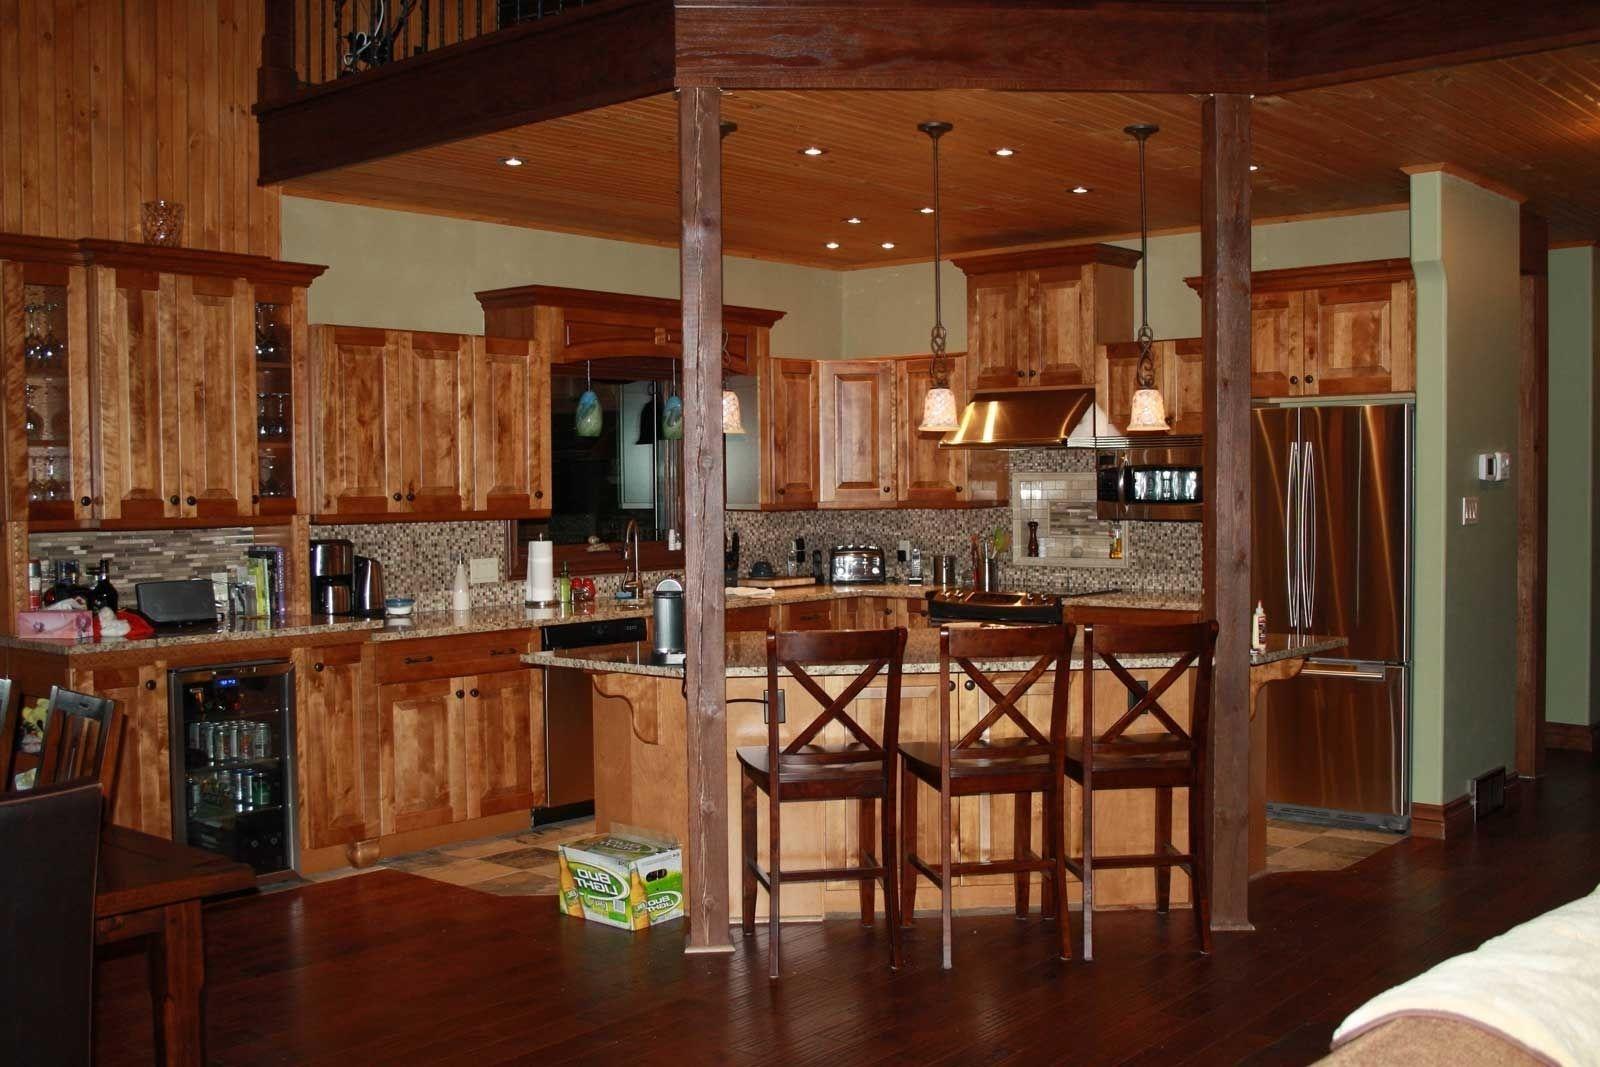 log home interior design ideas with regard to dream on home interior design ideas id=45914